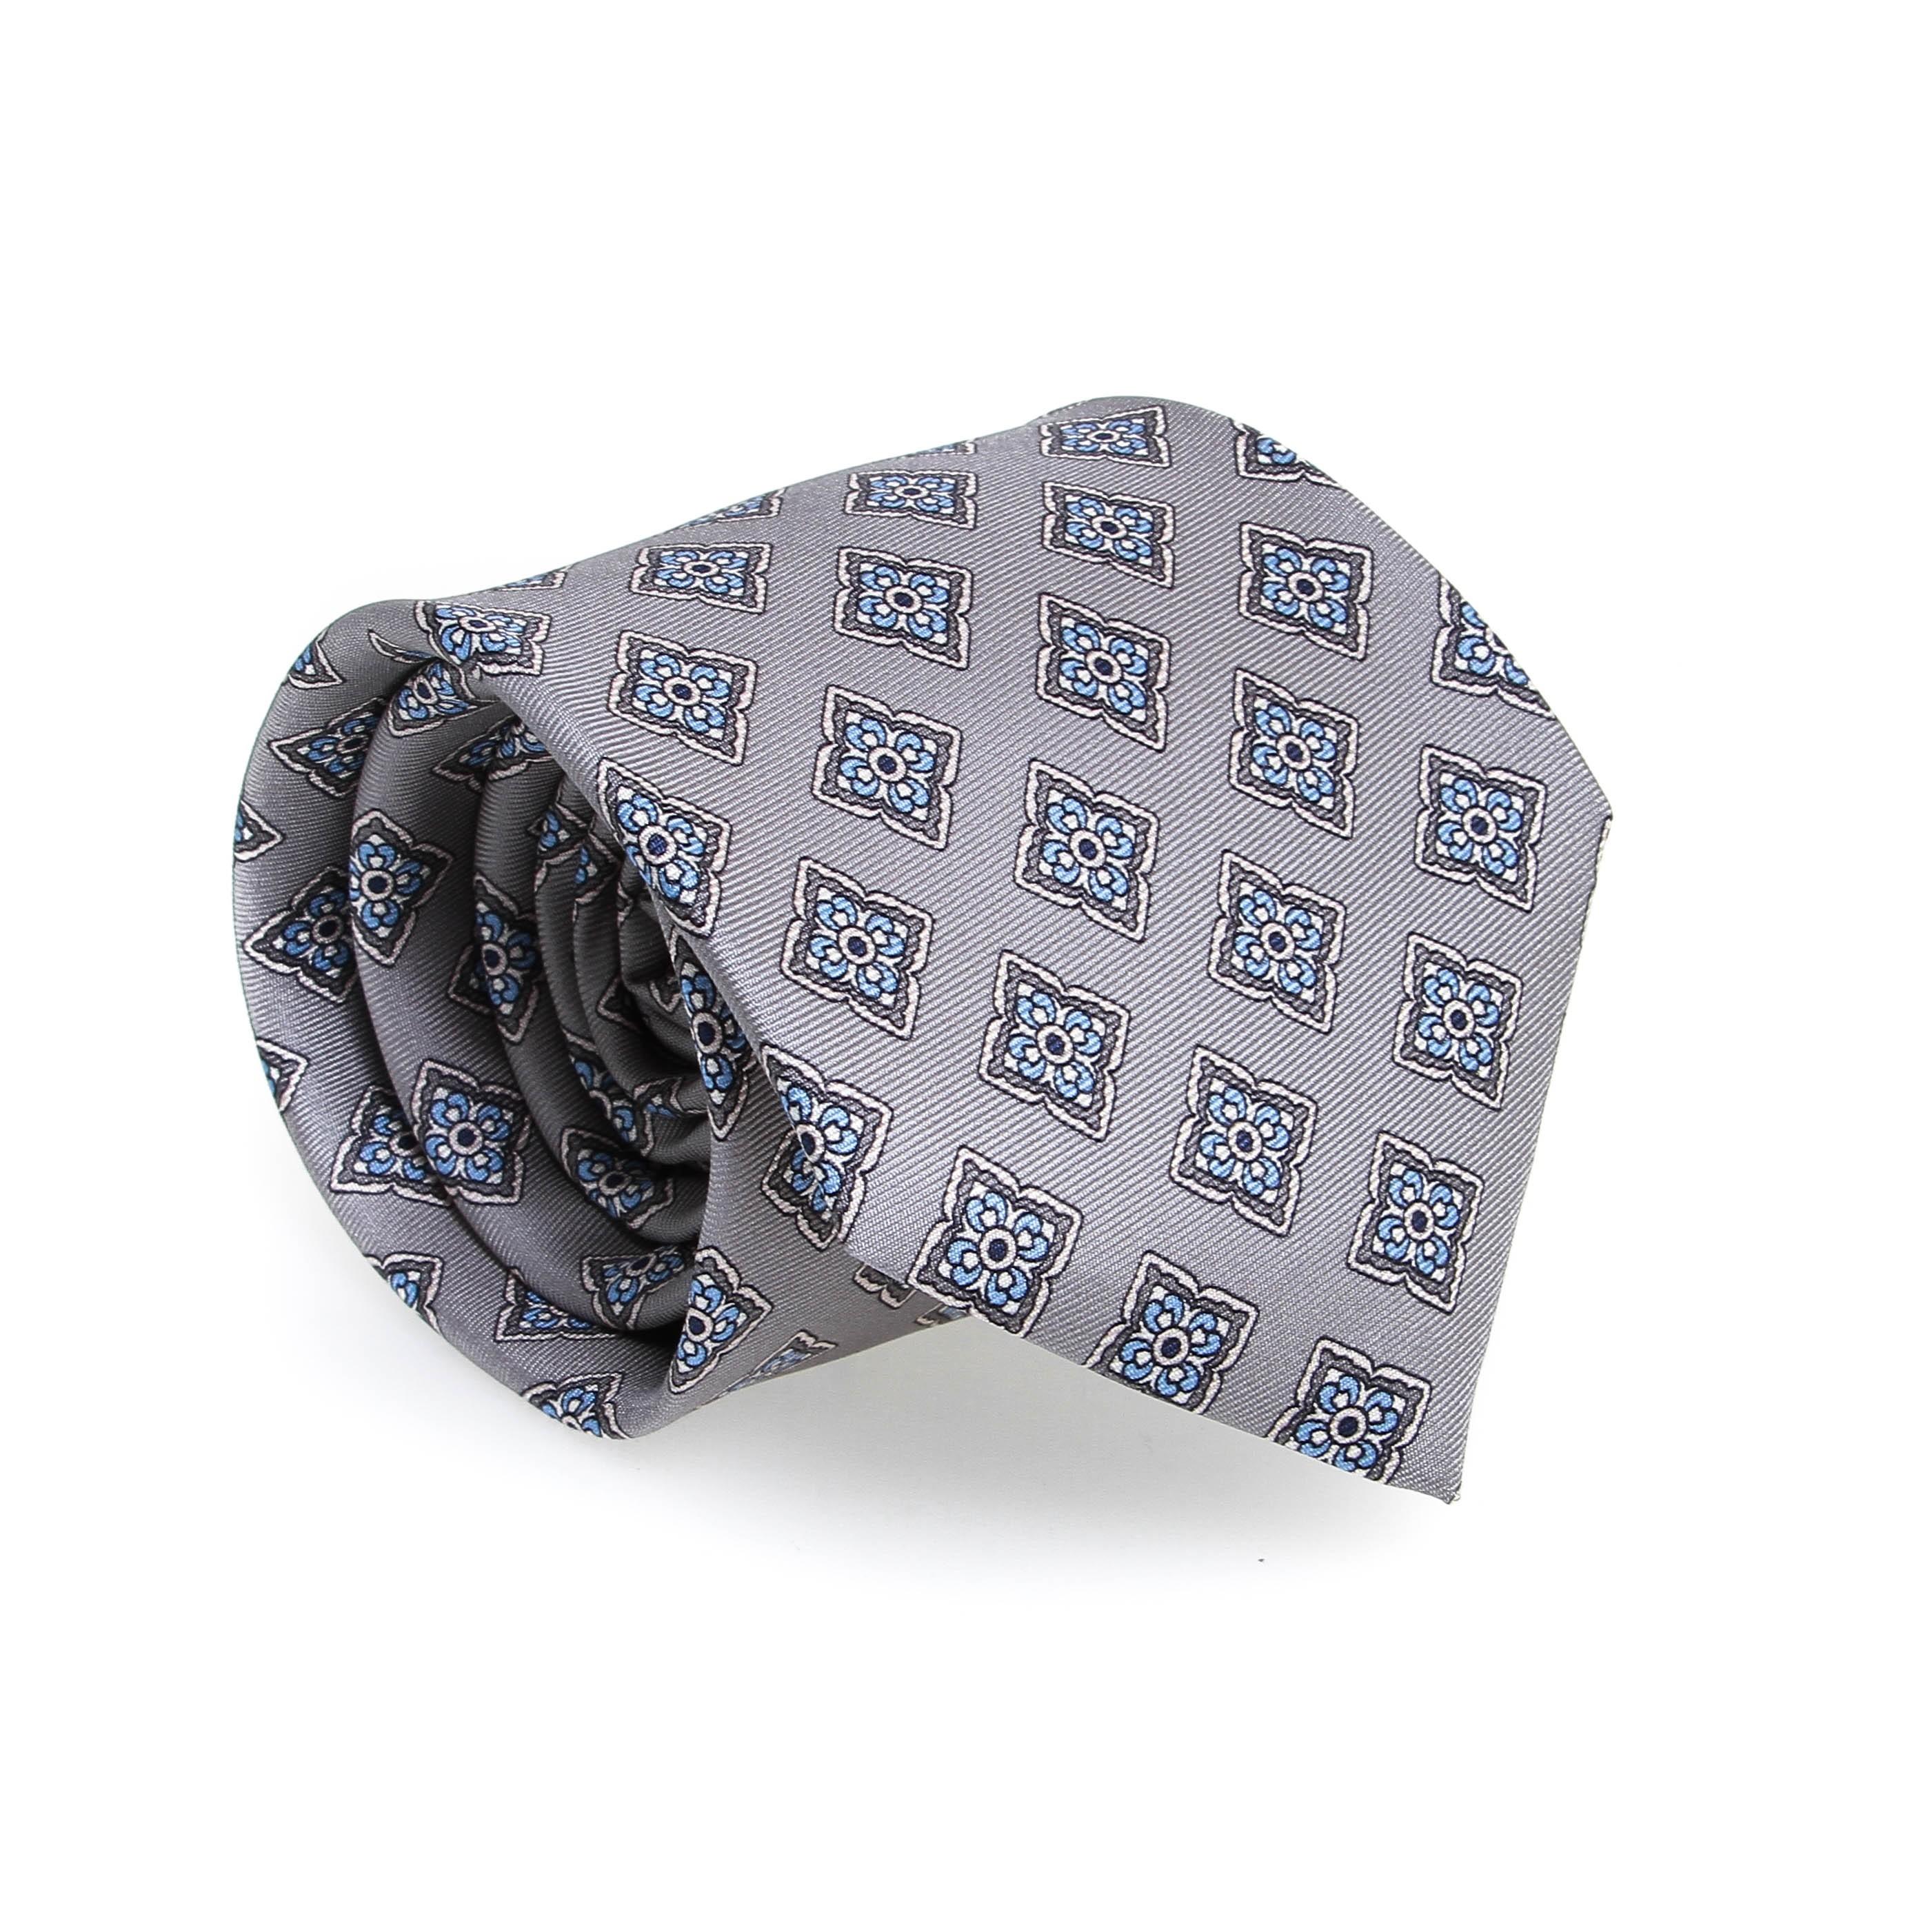 Cravate en soie : Base grise - Motif fleurette bleu et blanc